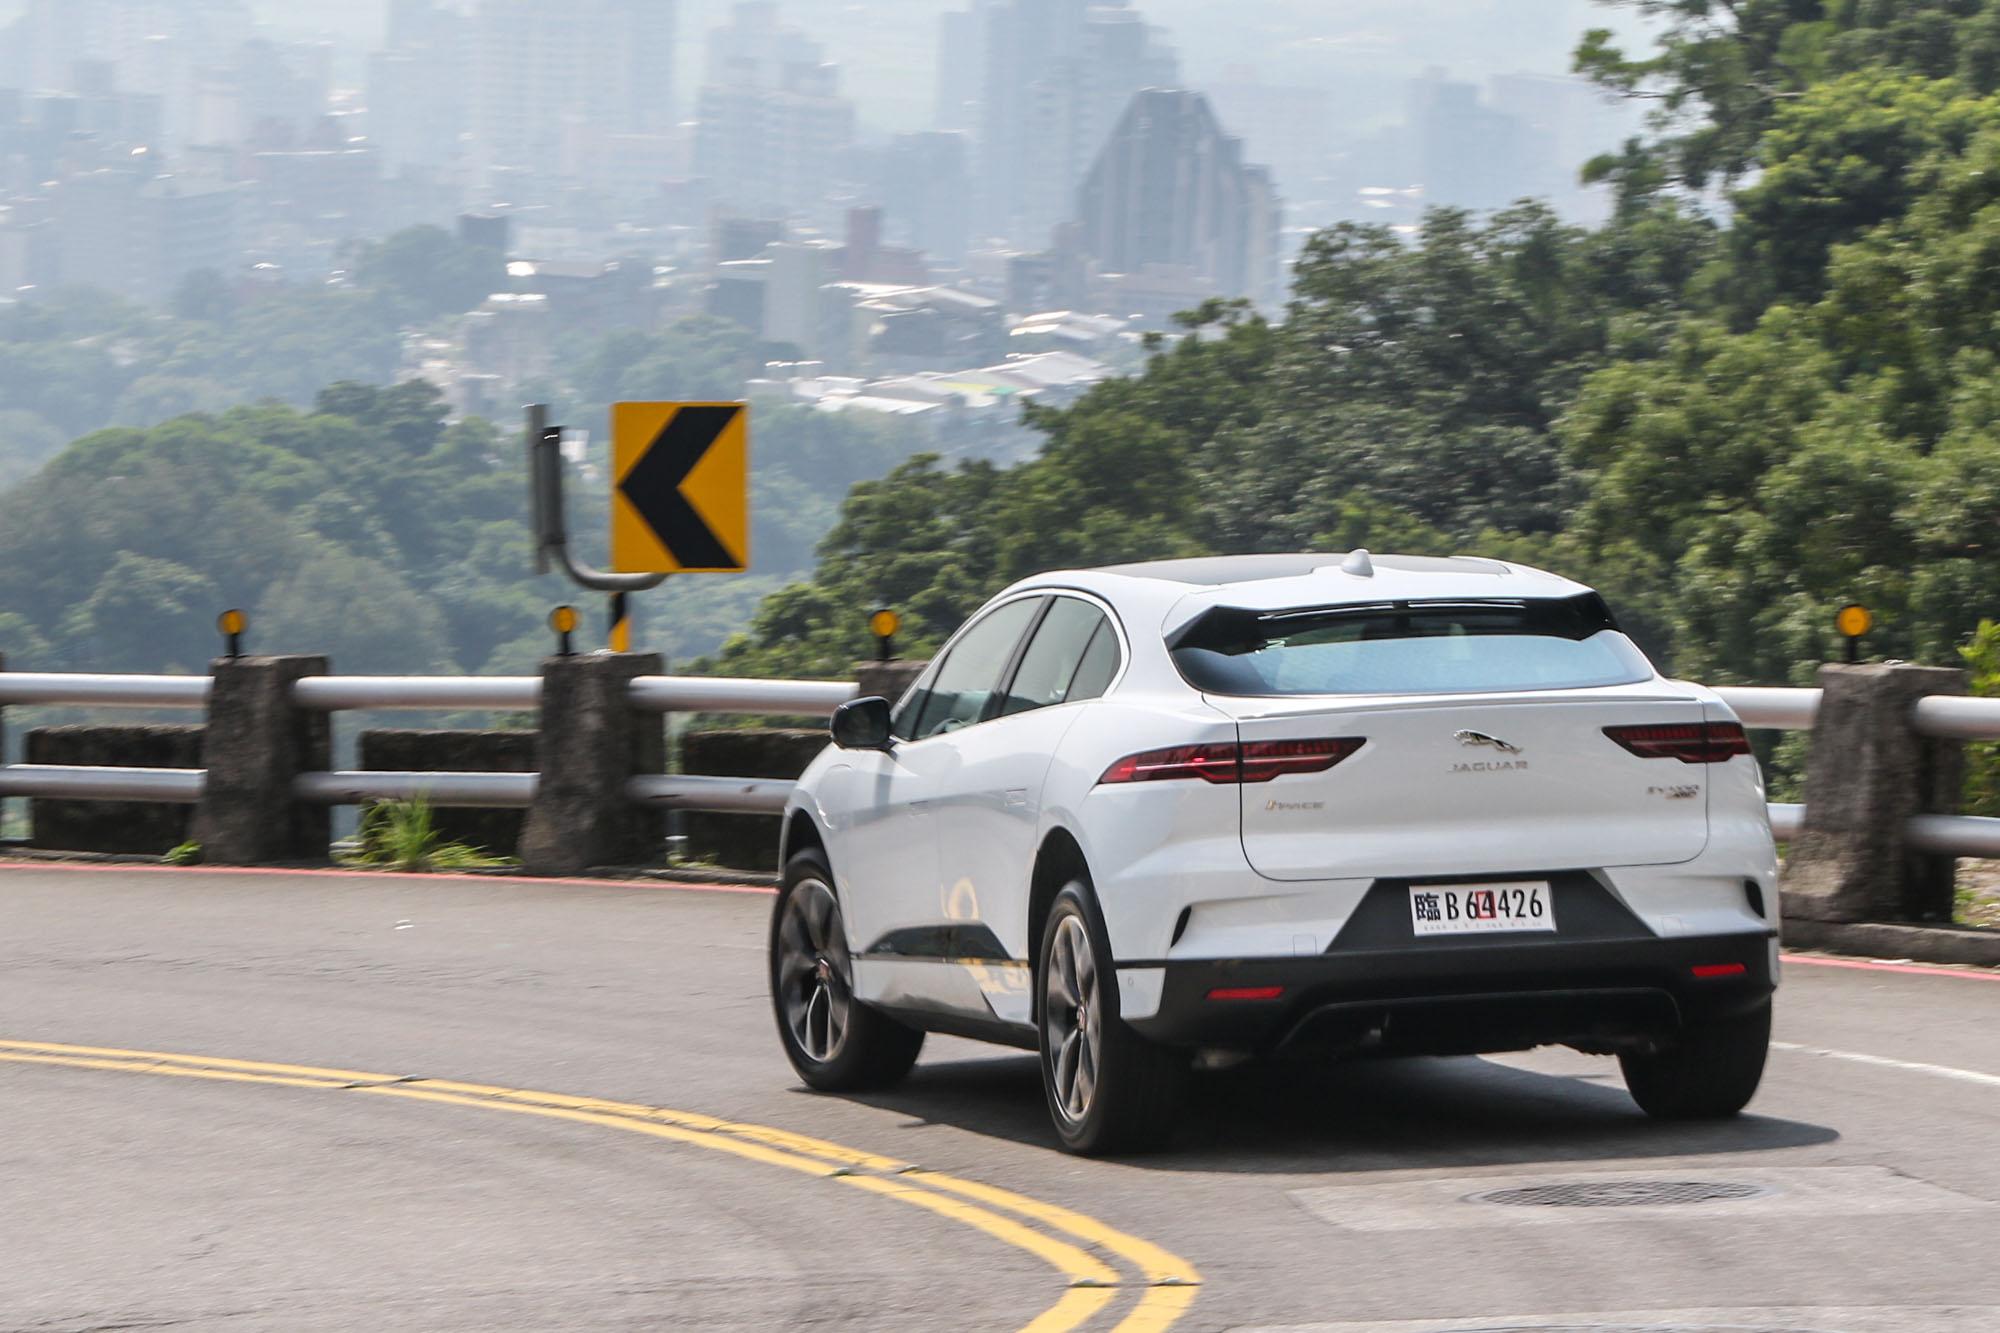 準備好迎接電動車的未來了嗎?I-Pace 建議你可以開始想這可能性囉!